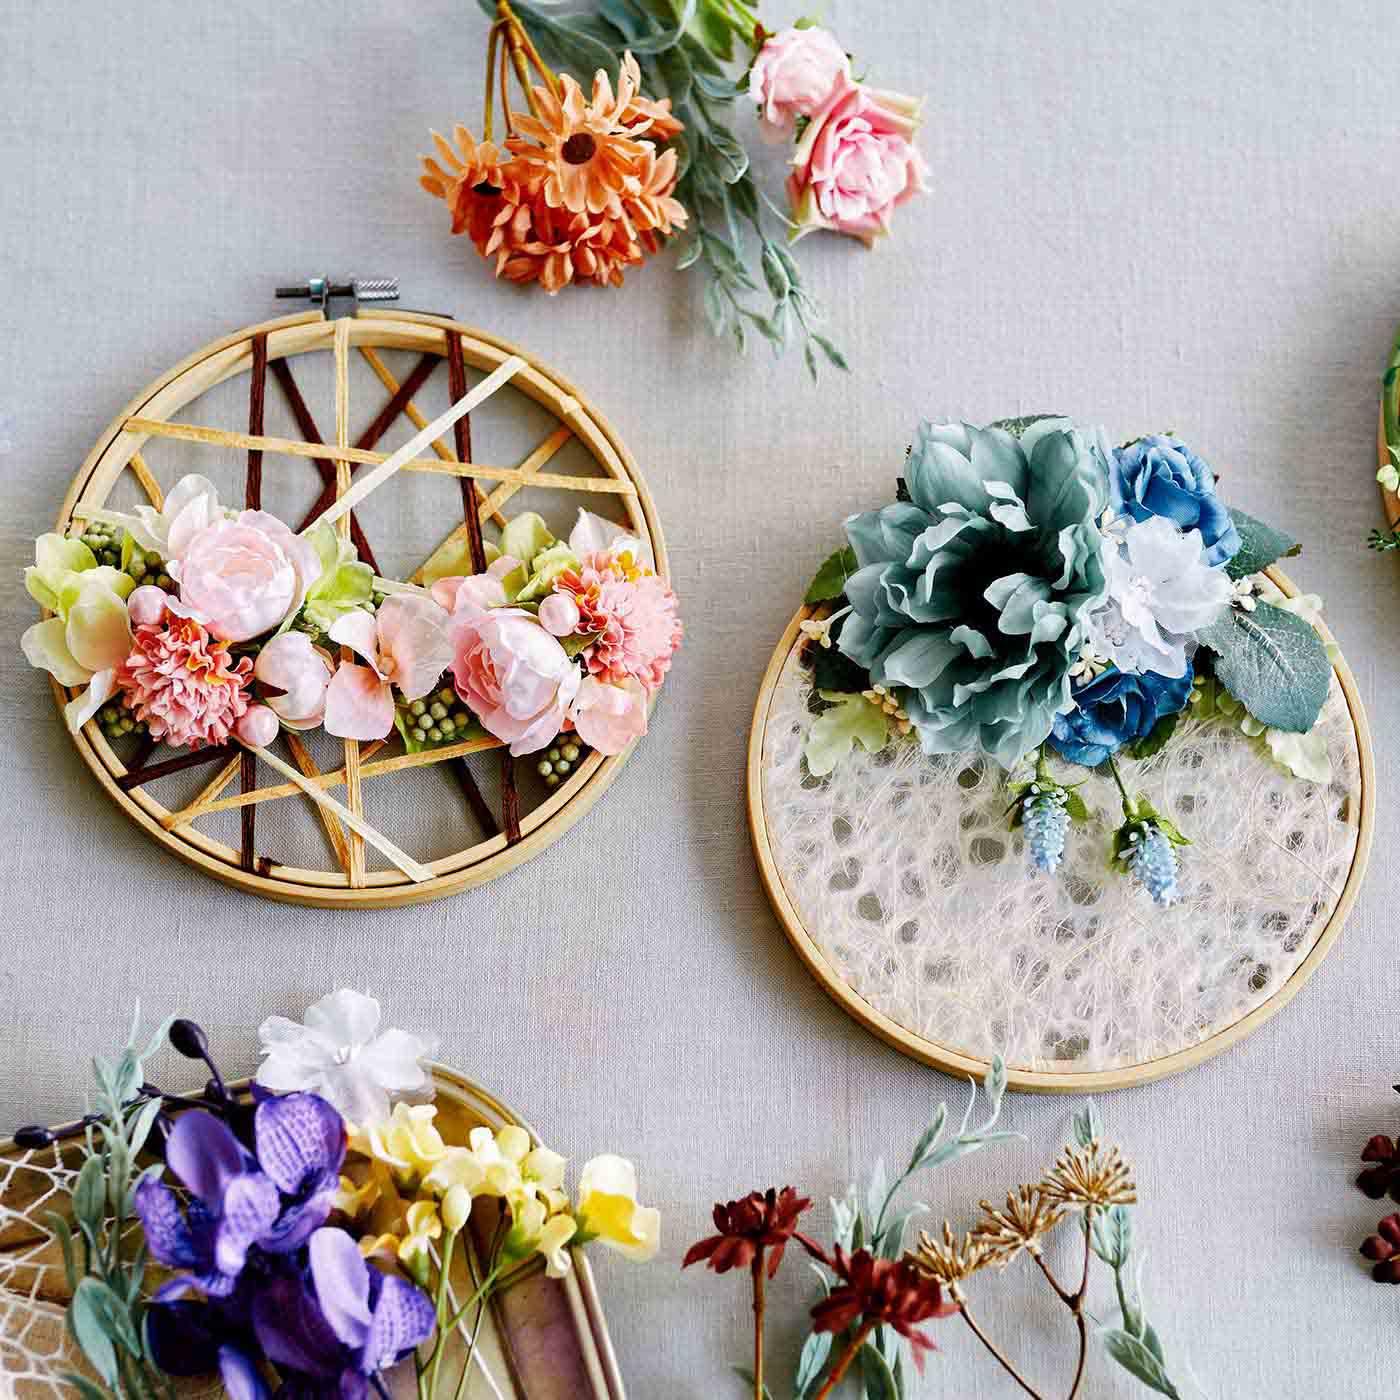 壁一面に花の彩りを 癒やしの空間フラワーフレ-ムの会